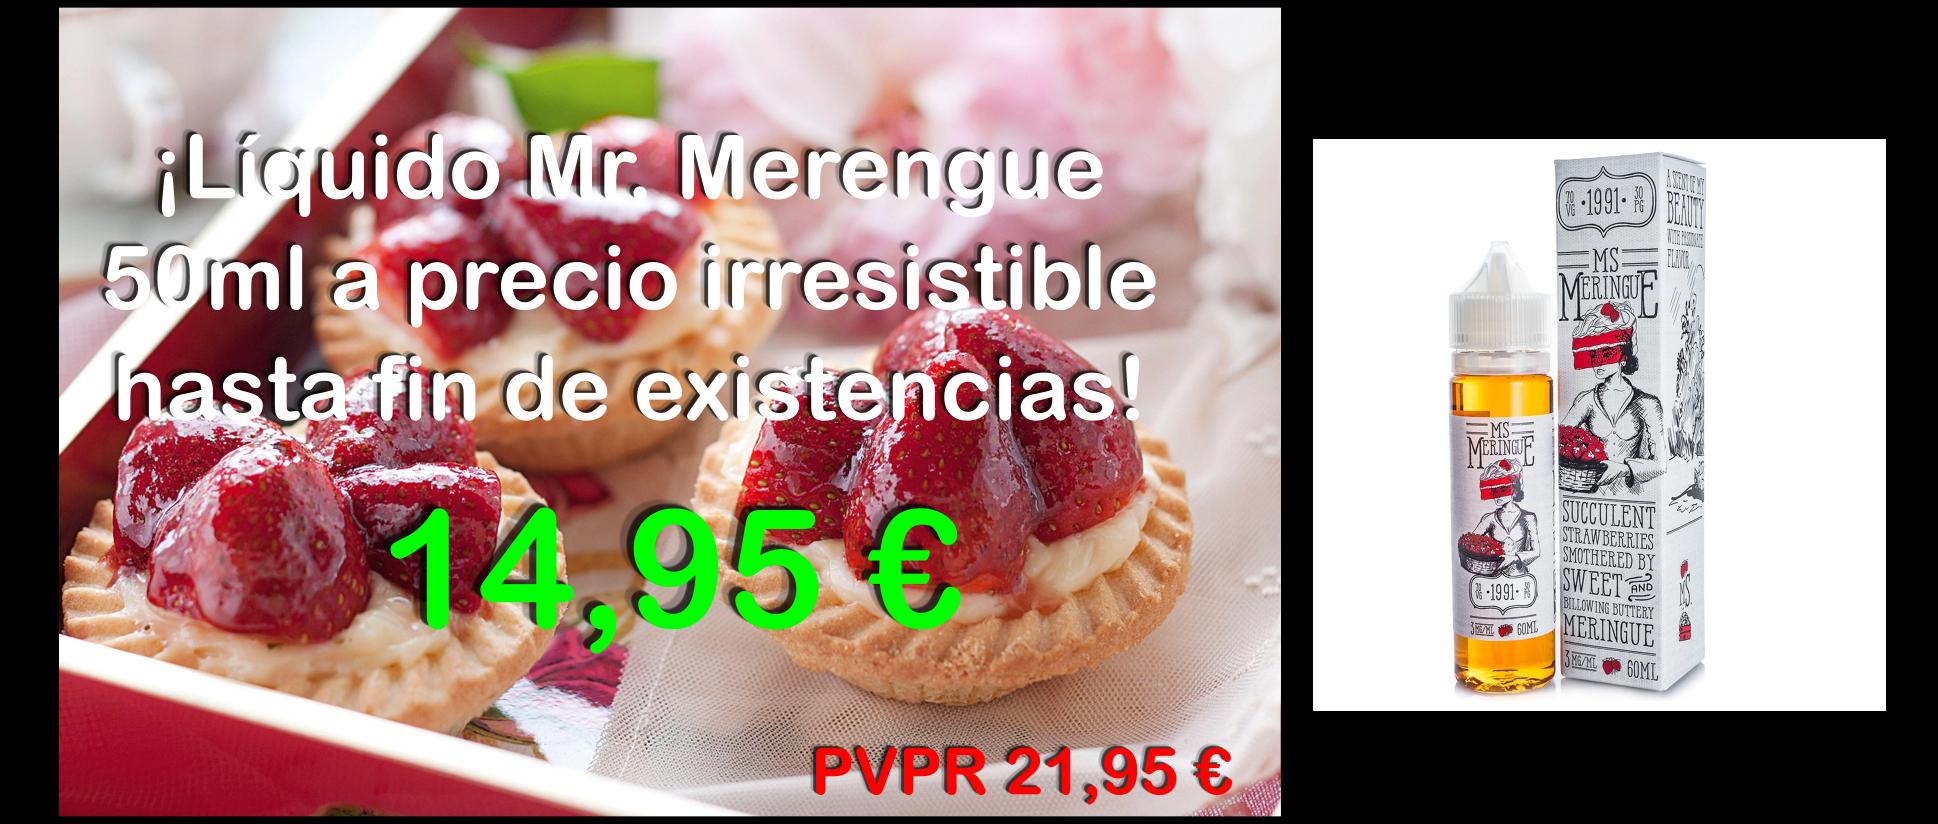 ¡Líquido Mr. Merengue 50ml a precio irresistible hasta fin de existencias!